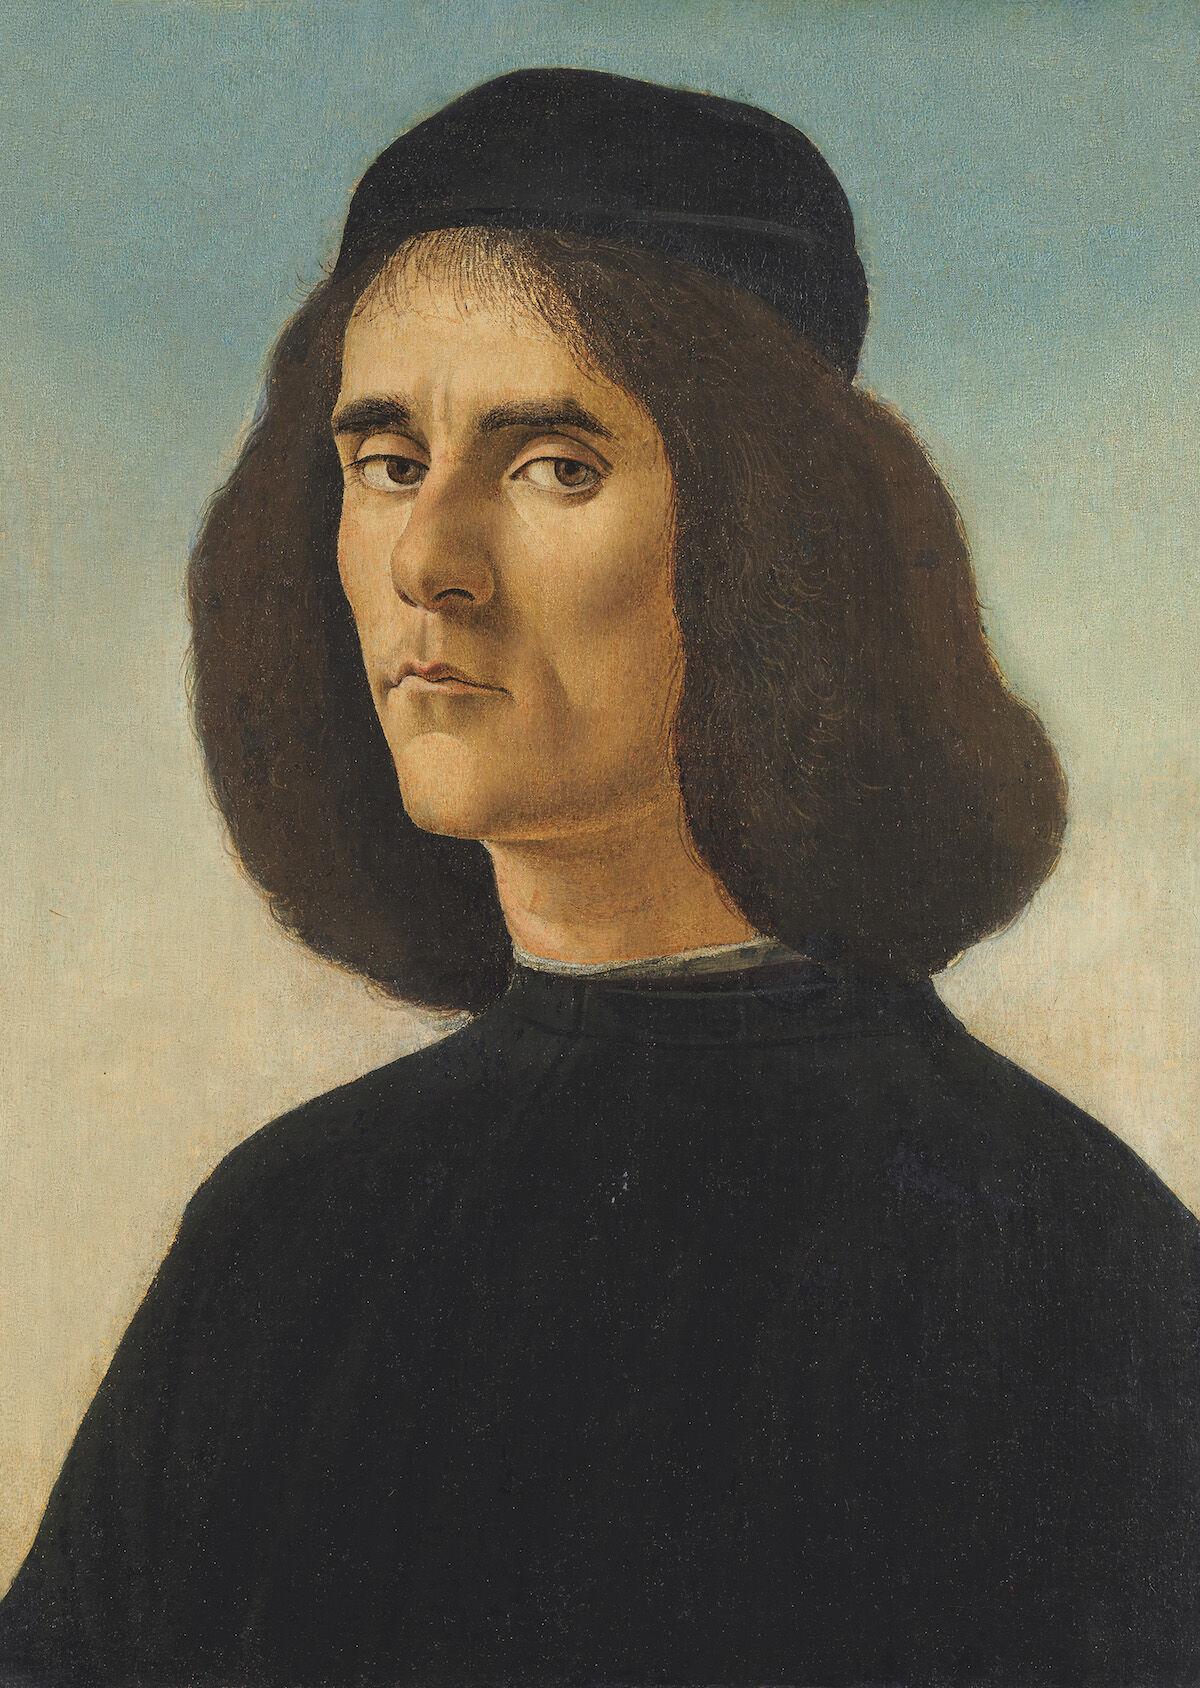 Sandro Botticelli, Portrait of Michele Marullo, circa 1500. Courtesy Trinity Fine Art.